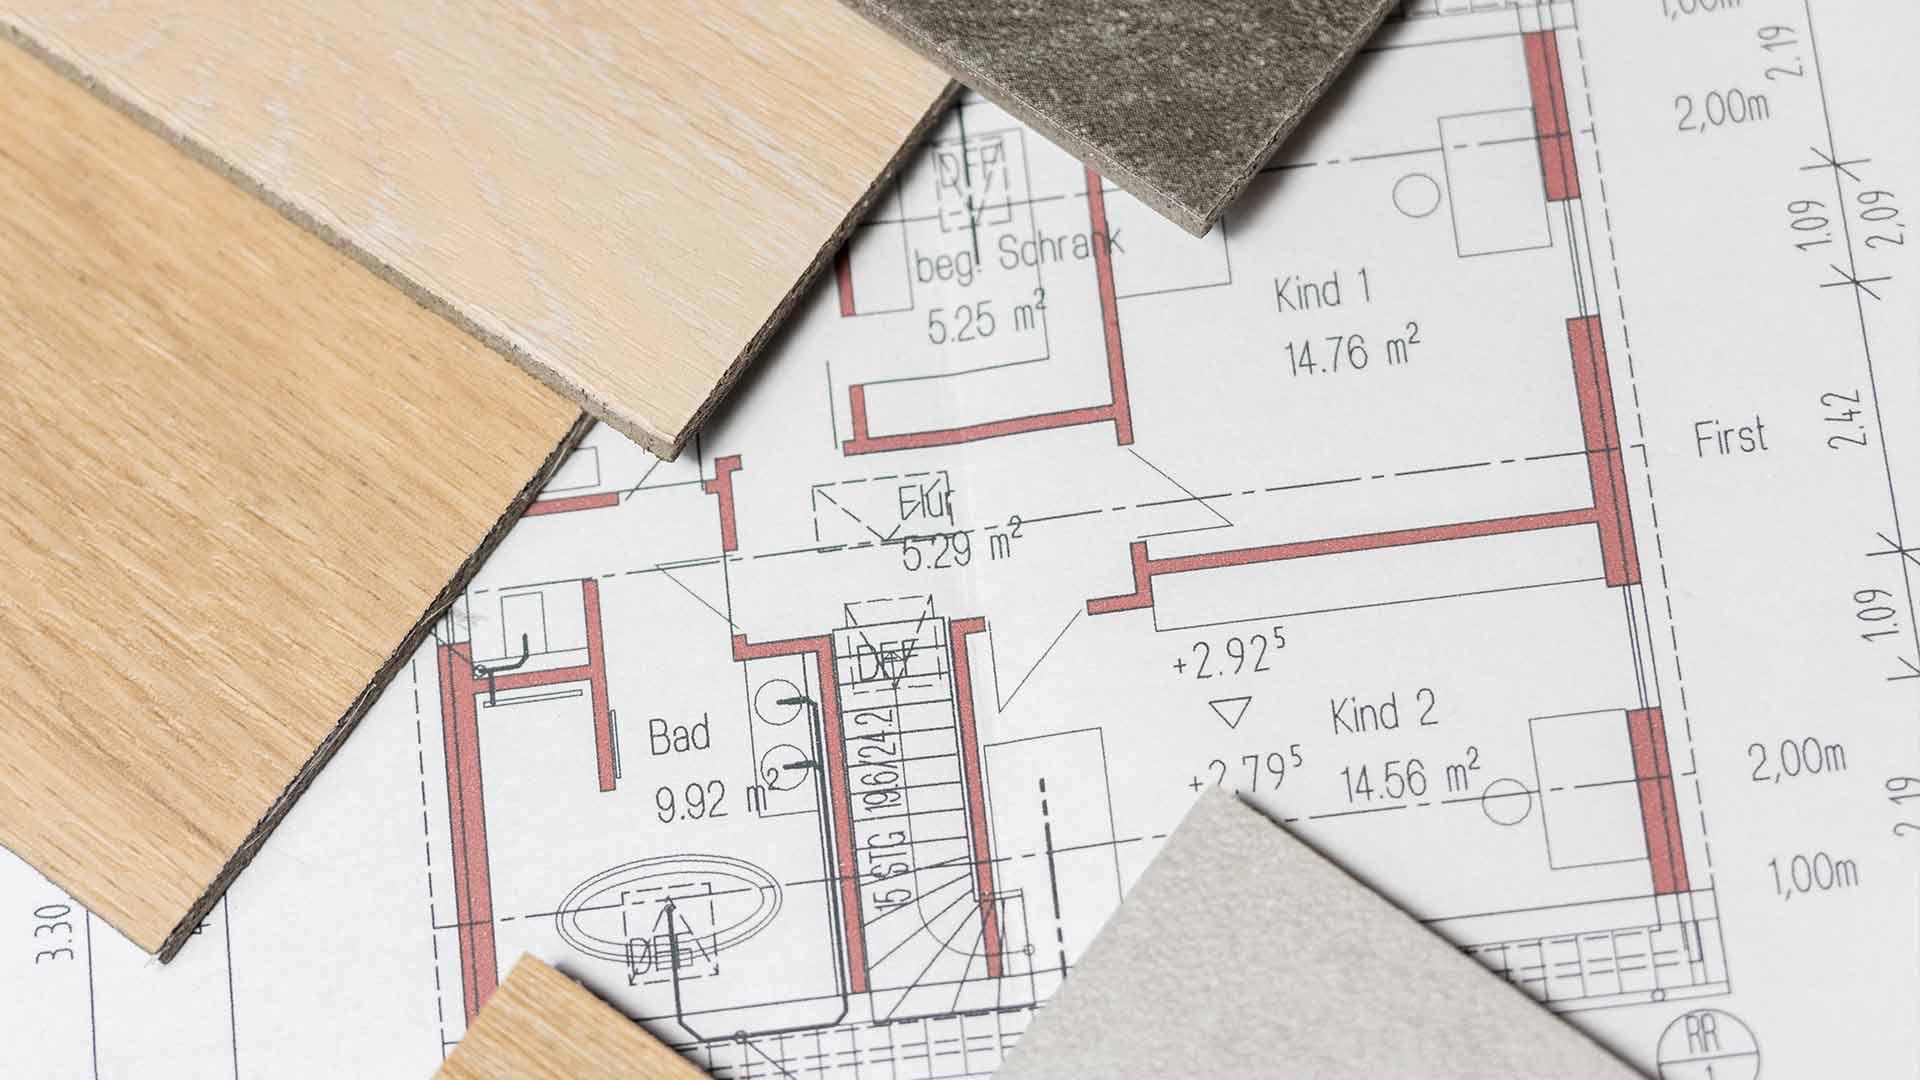 Welcher Fußboden Im Neubau ~ Bodenbeläge und ihre eigenschaften welcher bodenbelag für